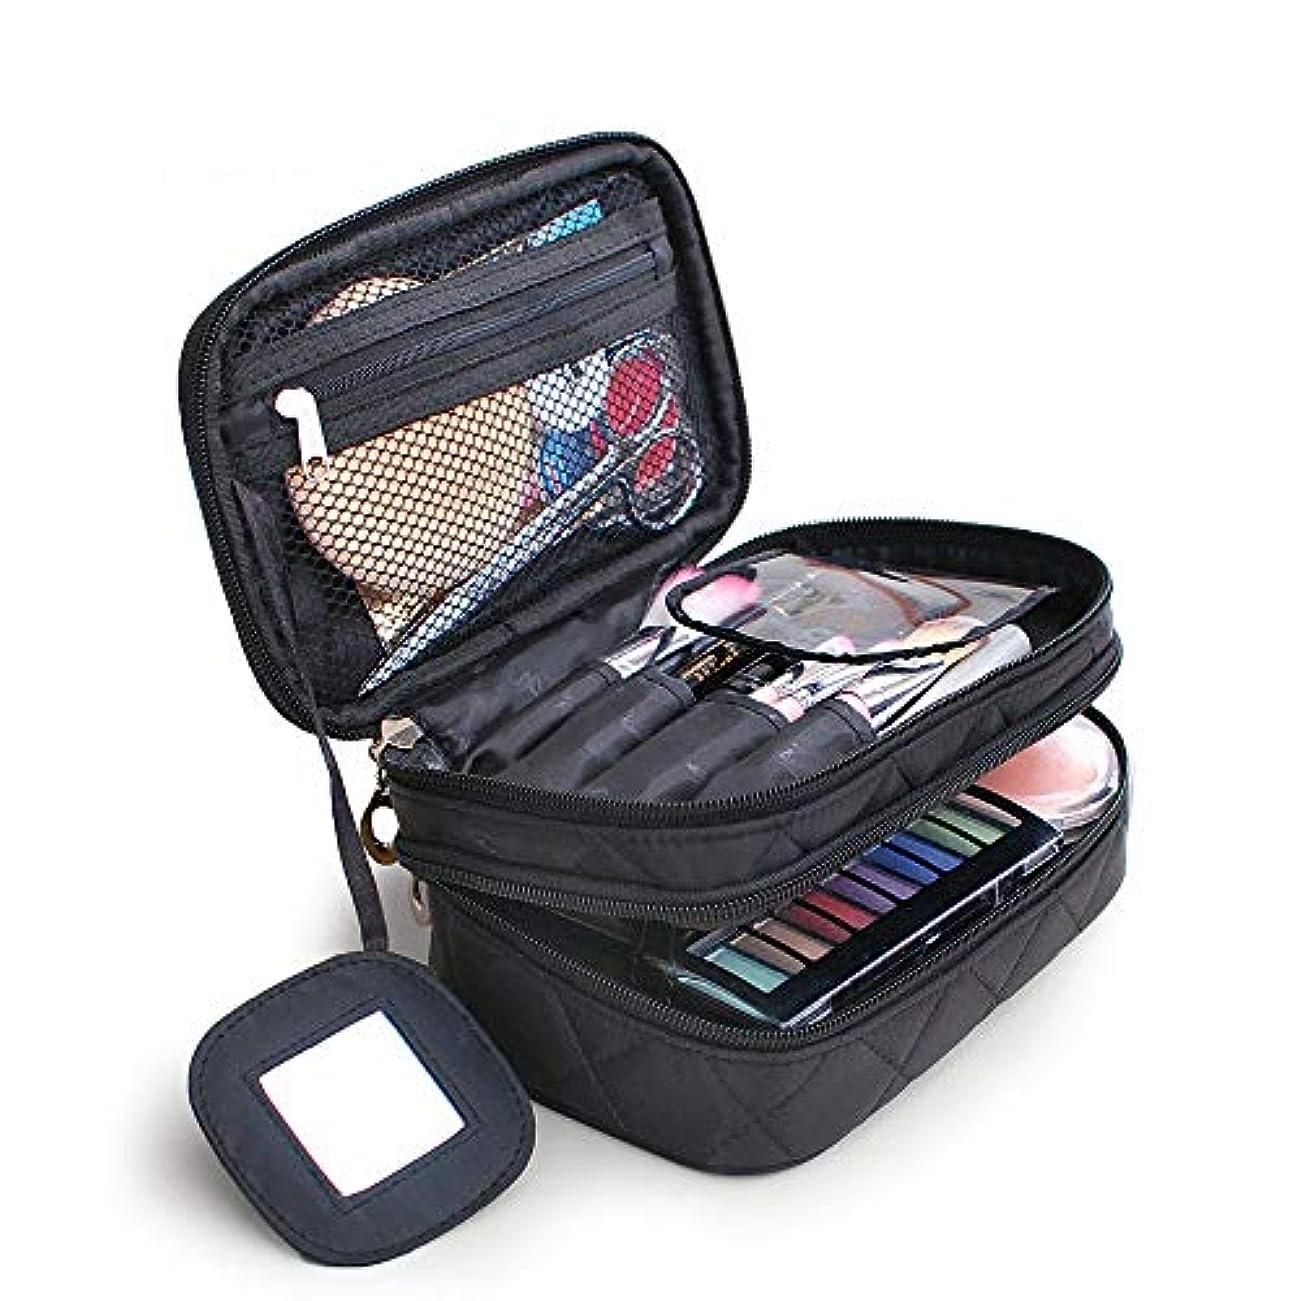 前奏曲原因病者化粧バッグ プロ 化粧箱 高品質 大容量 化粧品収納バッグ ウォッシュバッグ 防水化粧品ケースナイロンブラック化粧品袋収納袋